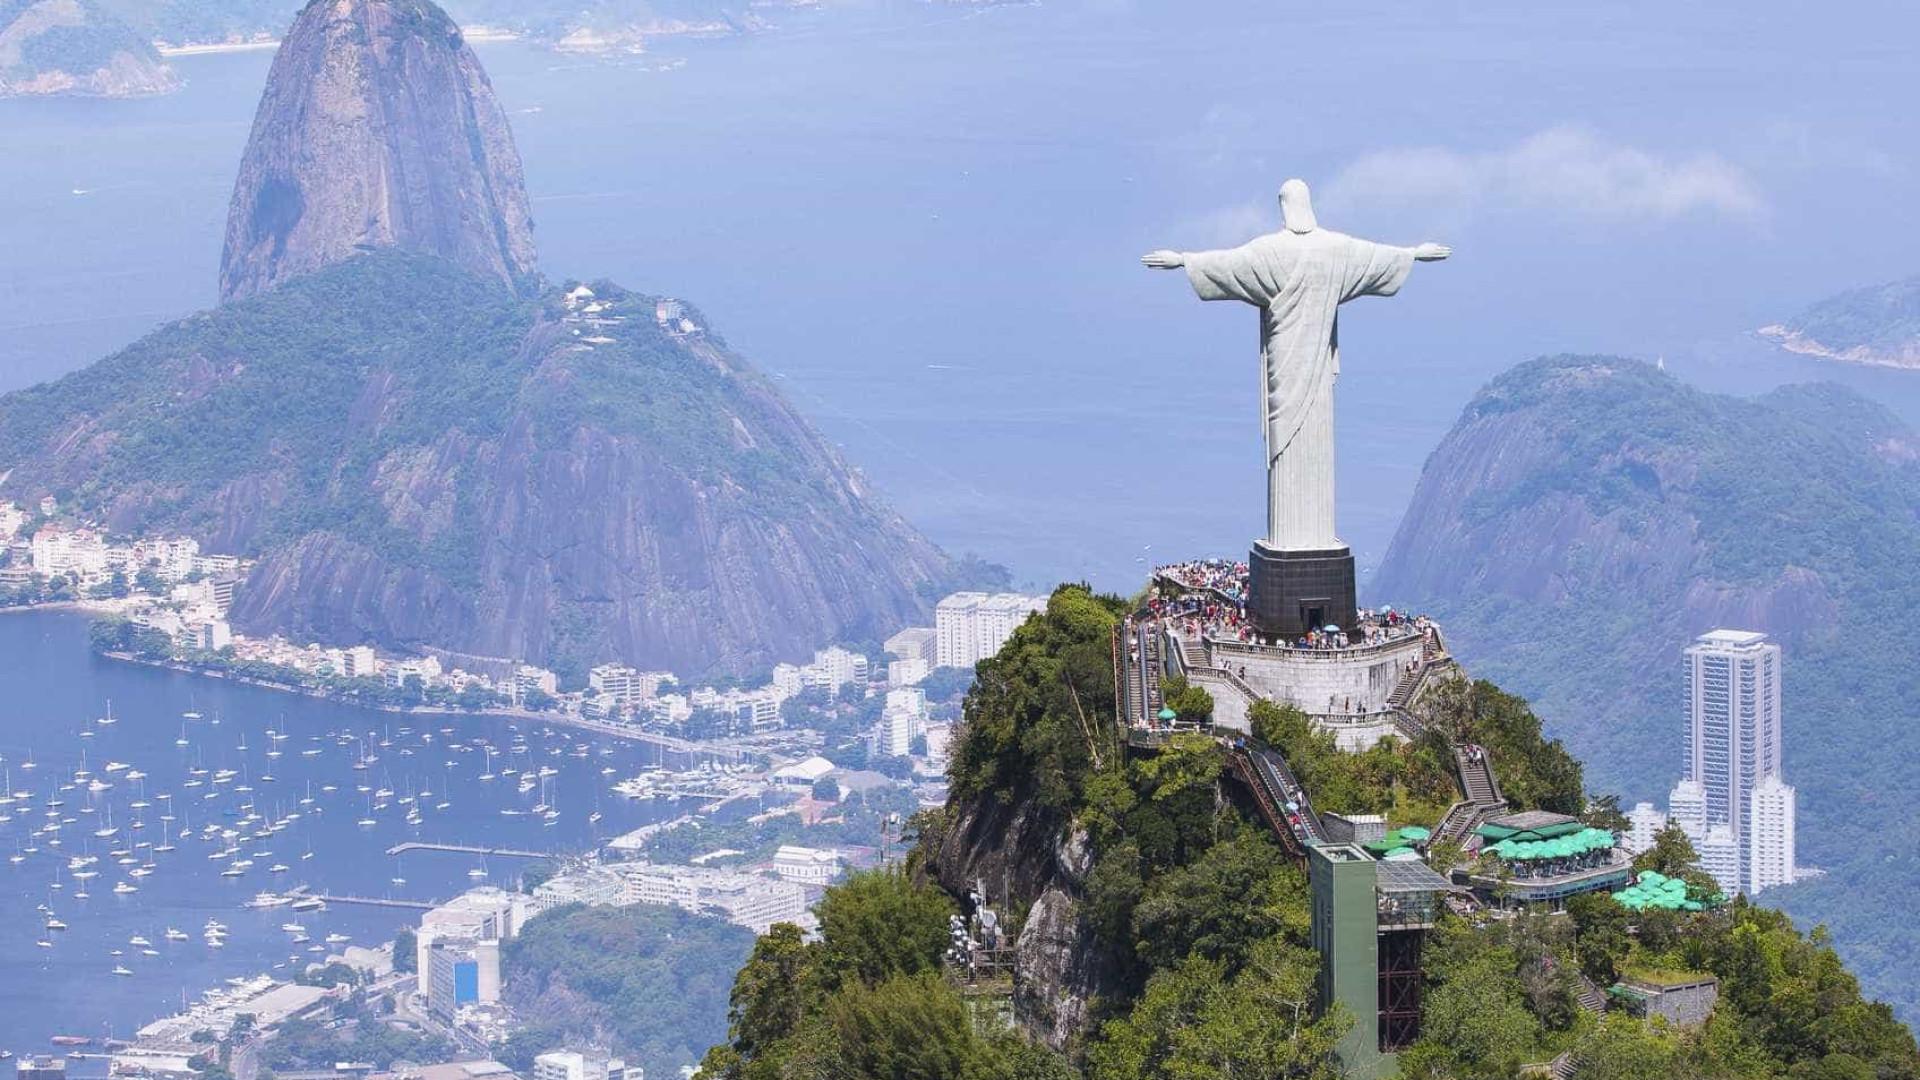 Cirurgião plástico procurado no Brasil após morte em operação clandestina